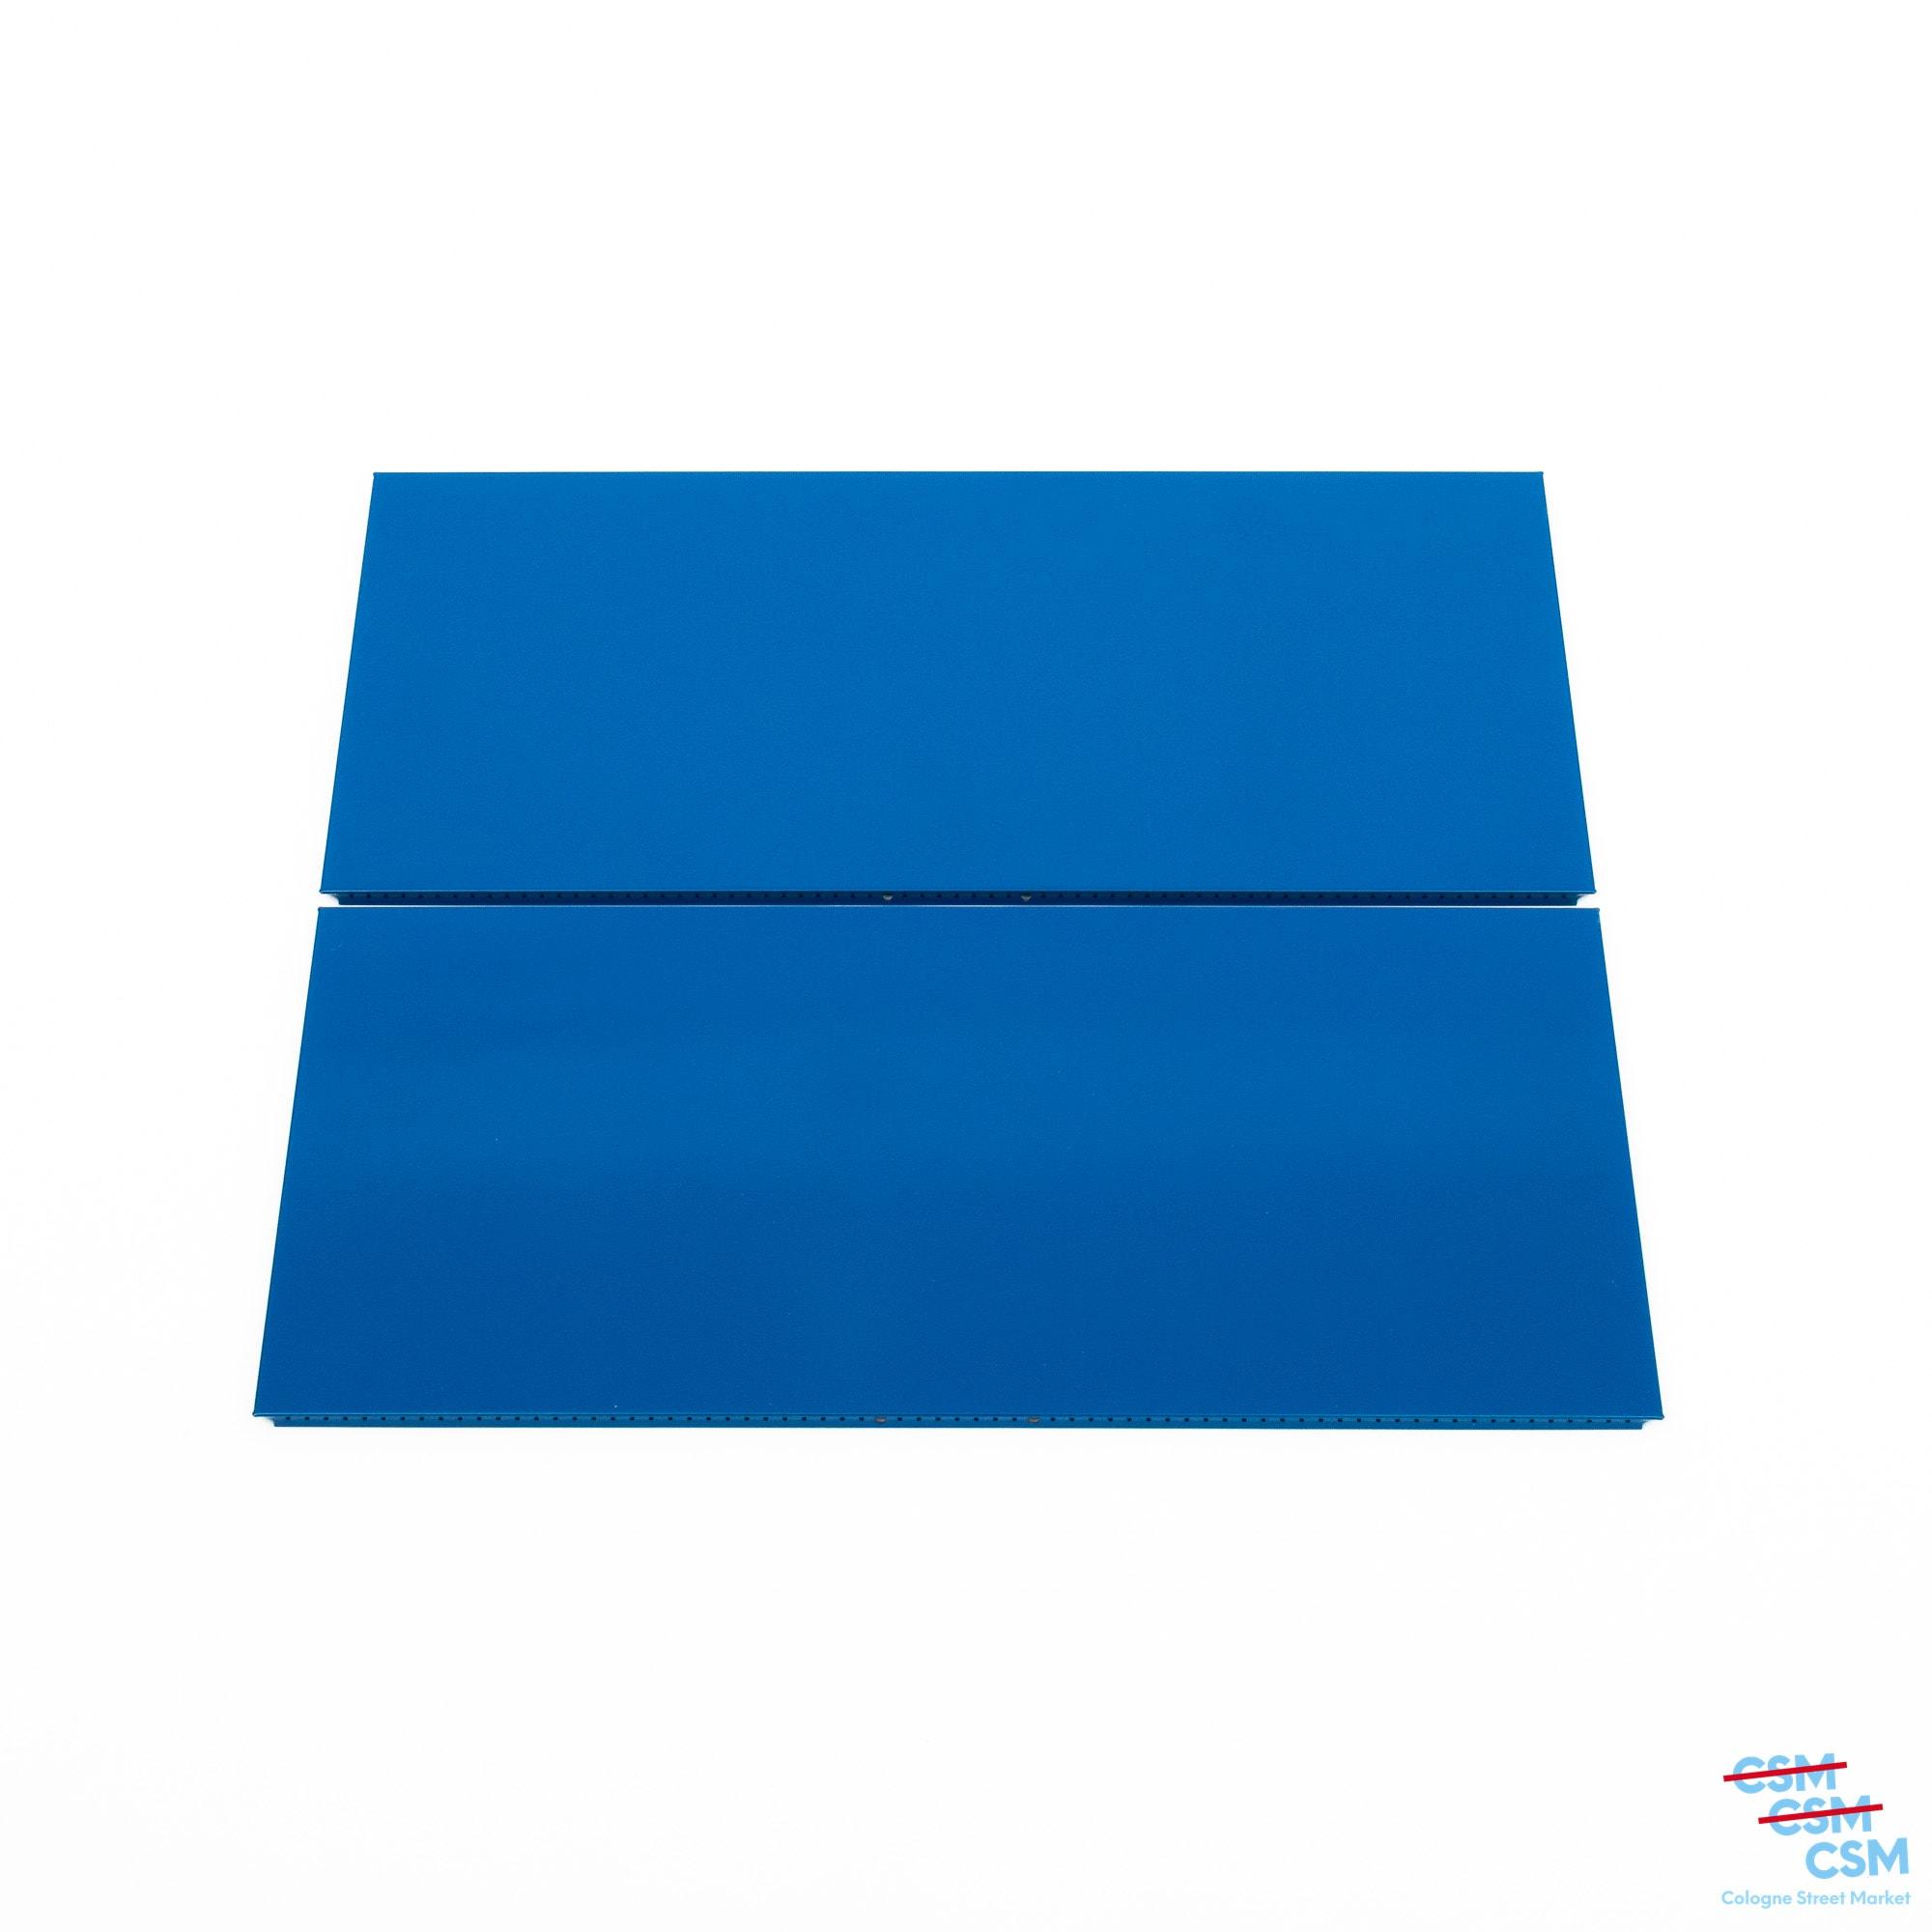 2er Paket USM Haller Tablar 75x35 Enzianblau gebraucht 1